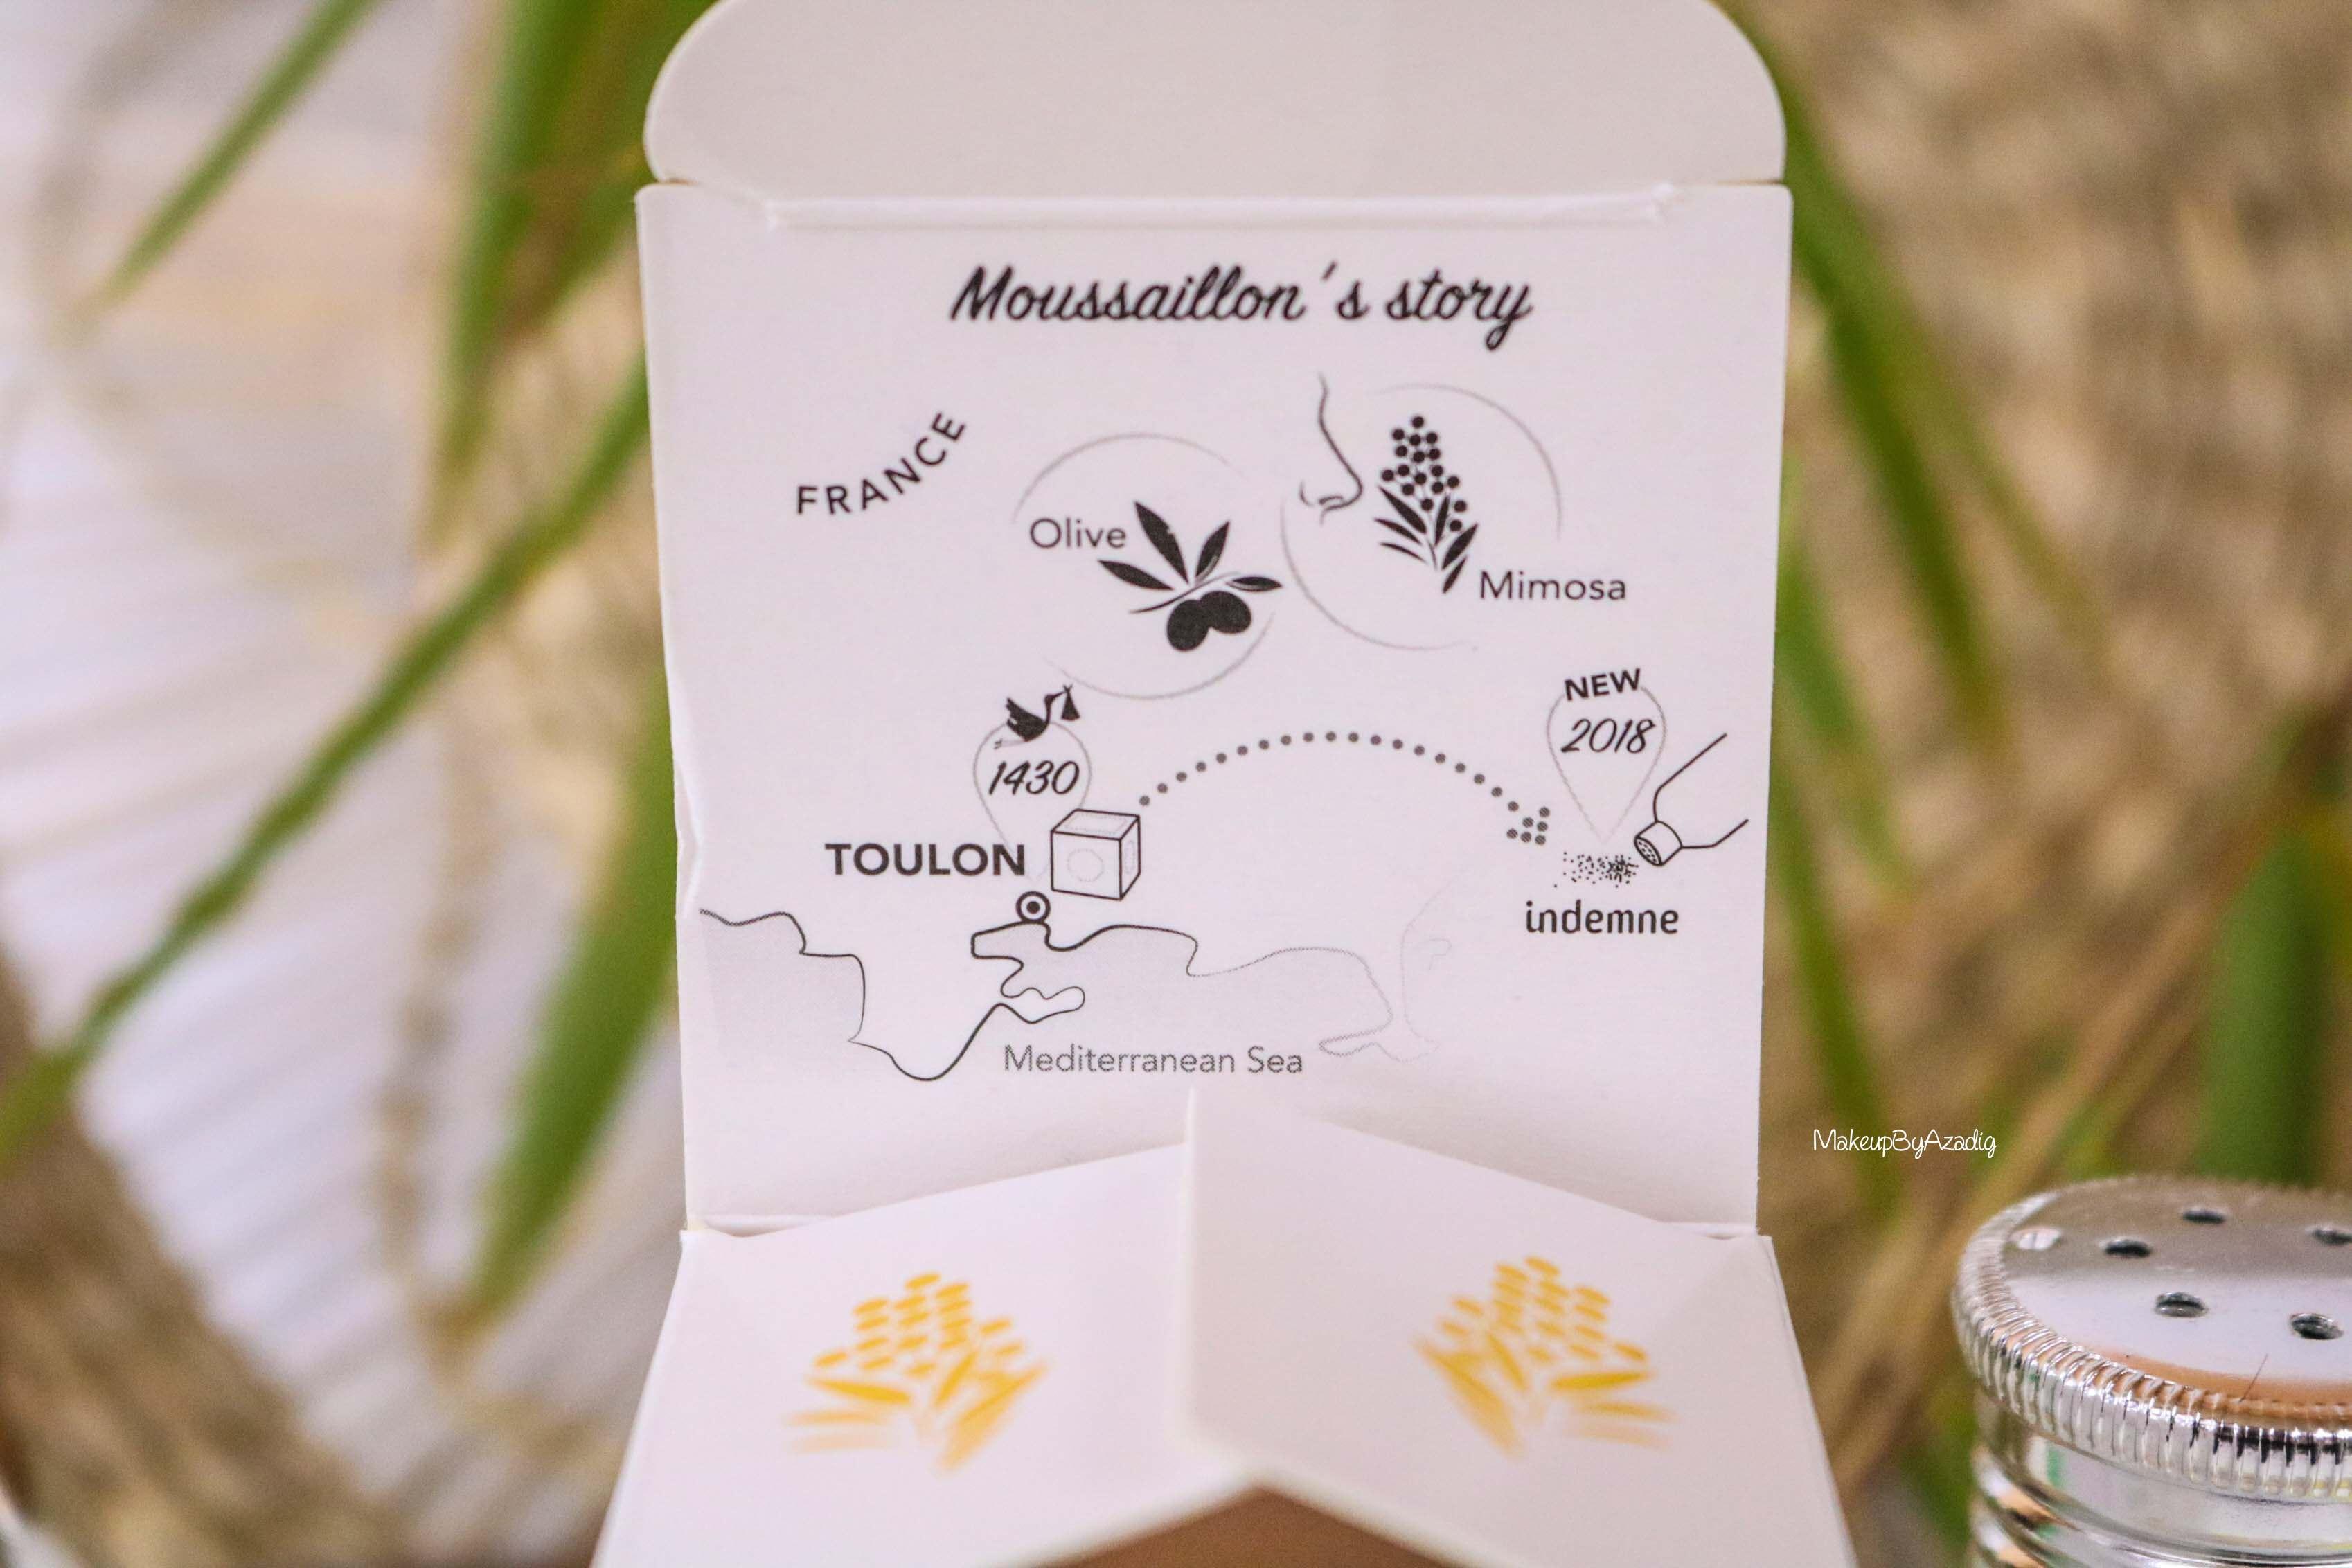 savon-saupoudrer-famille-enfant-moussaillon-indemne-avis-prix-makeupbyazadig-limitee-mimosa-provence-toulouse-histoire